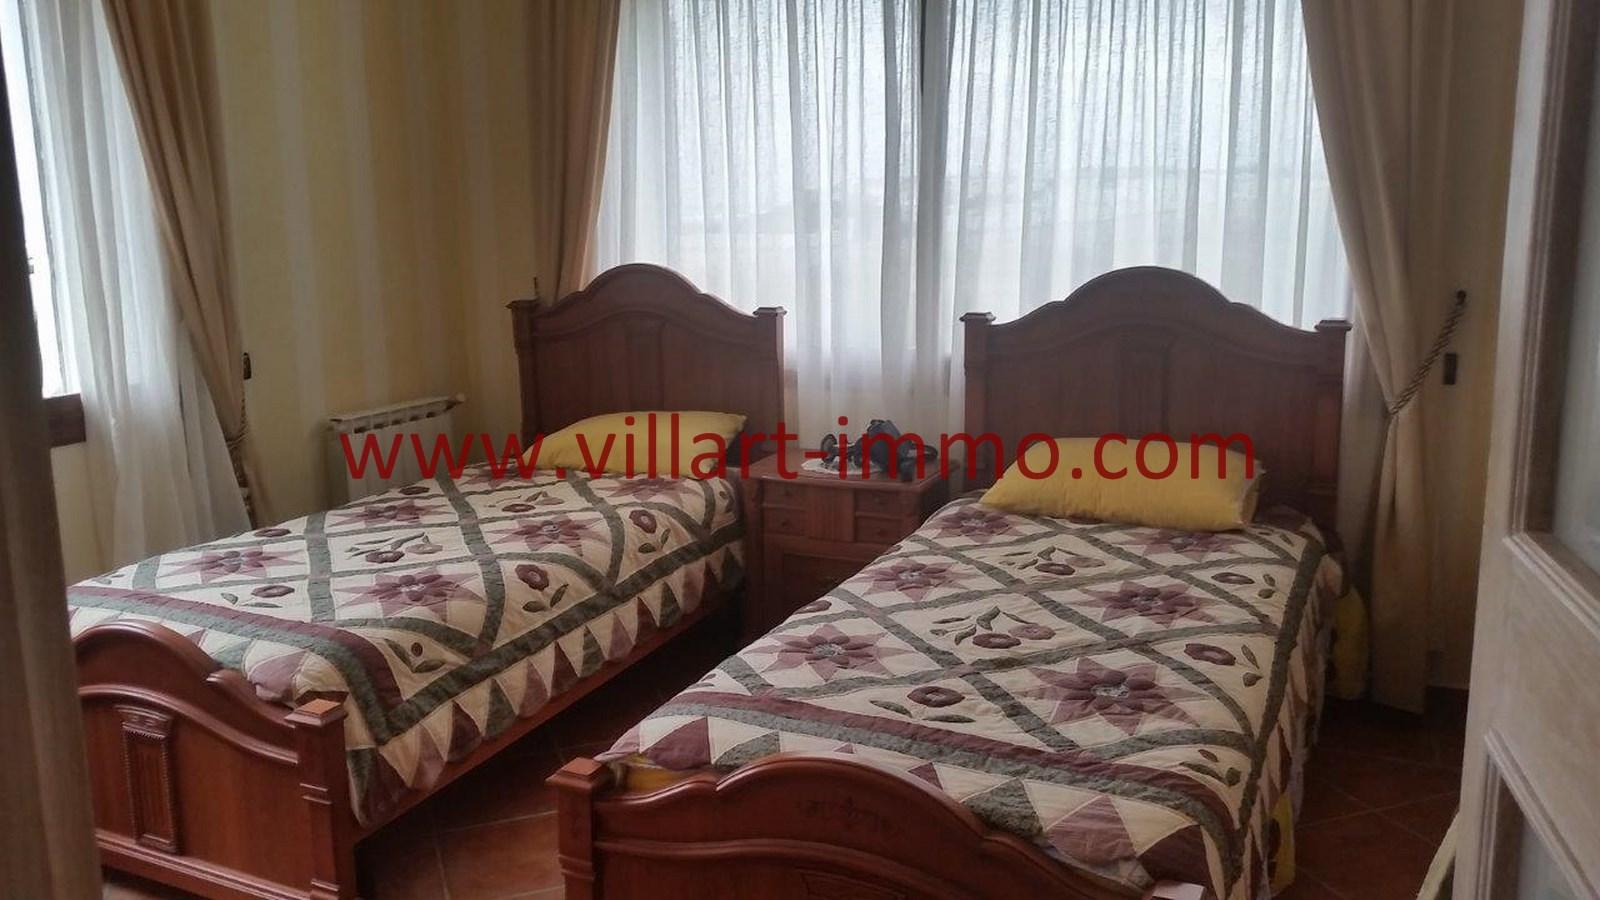 15-a-louer-villa-meublee-tanger-achakar-chambre-5-lsat914-villart-immo